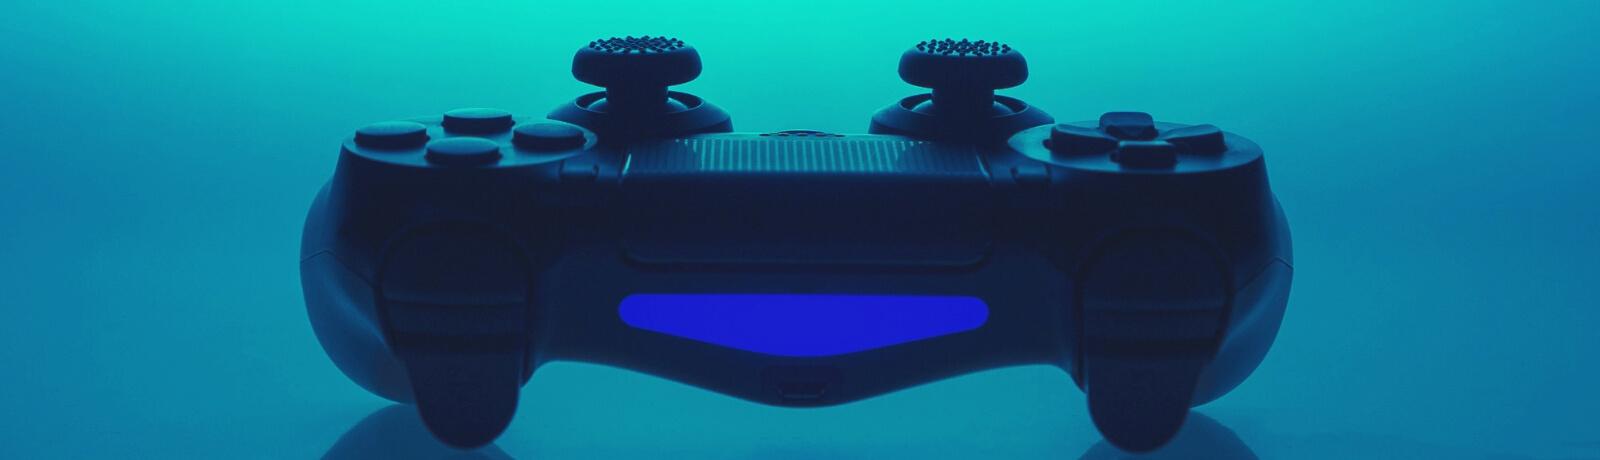 Game Translation Header Image